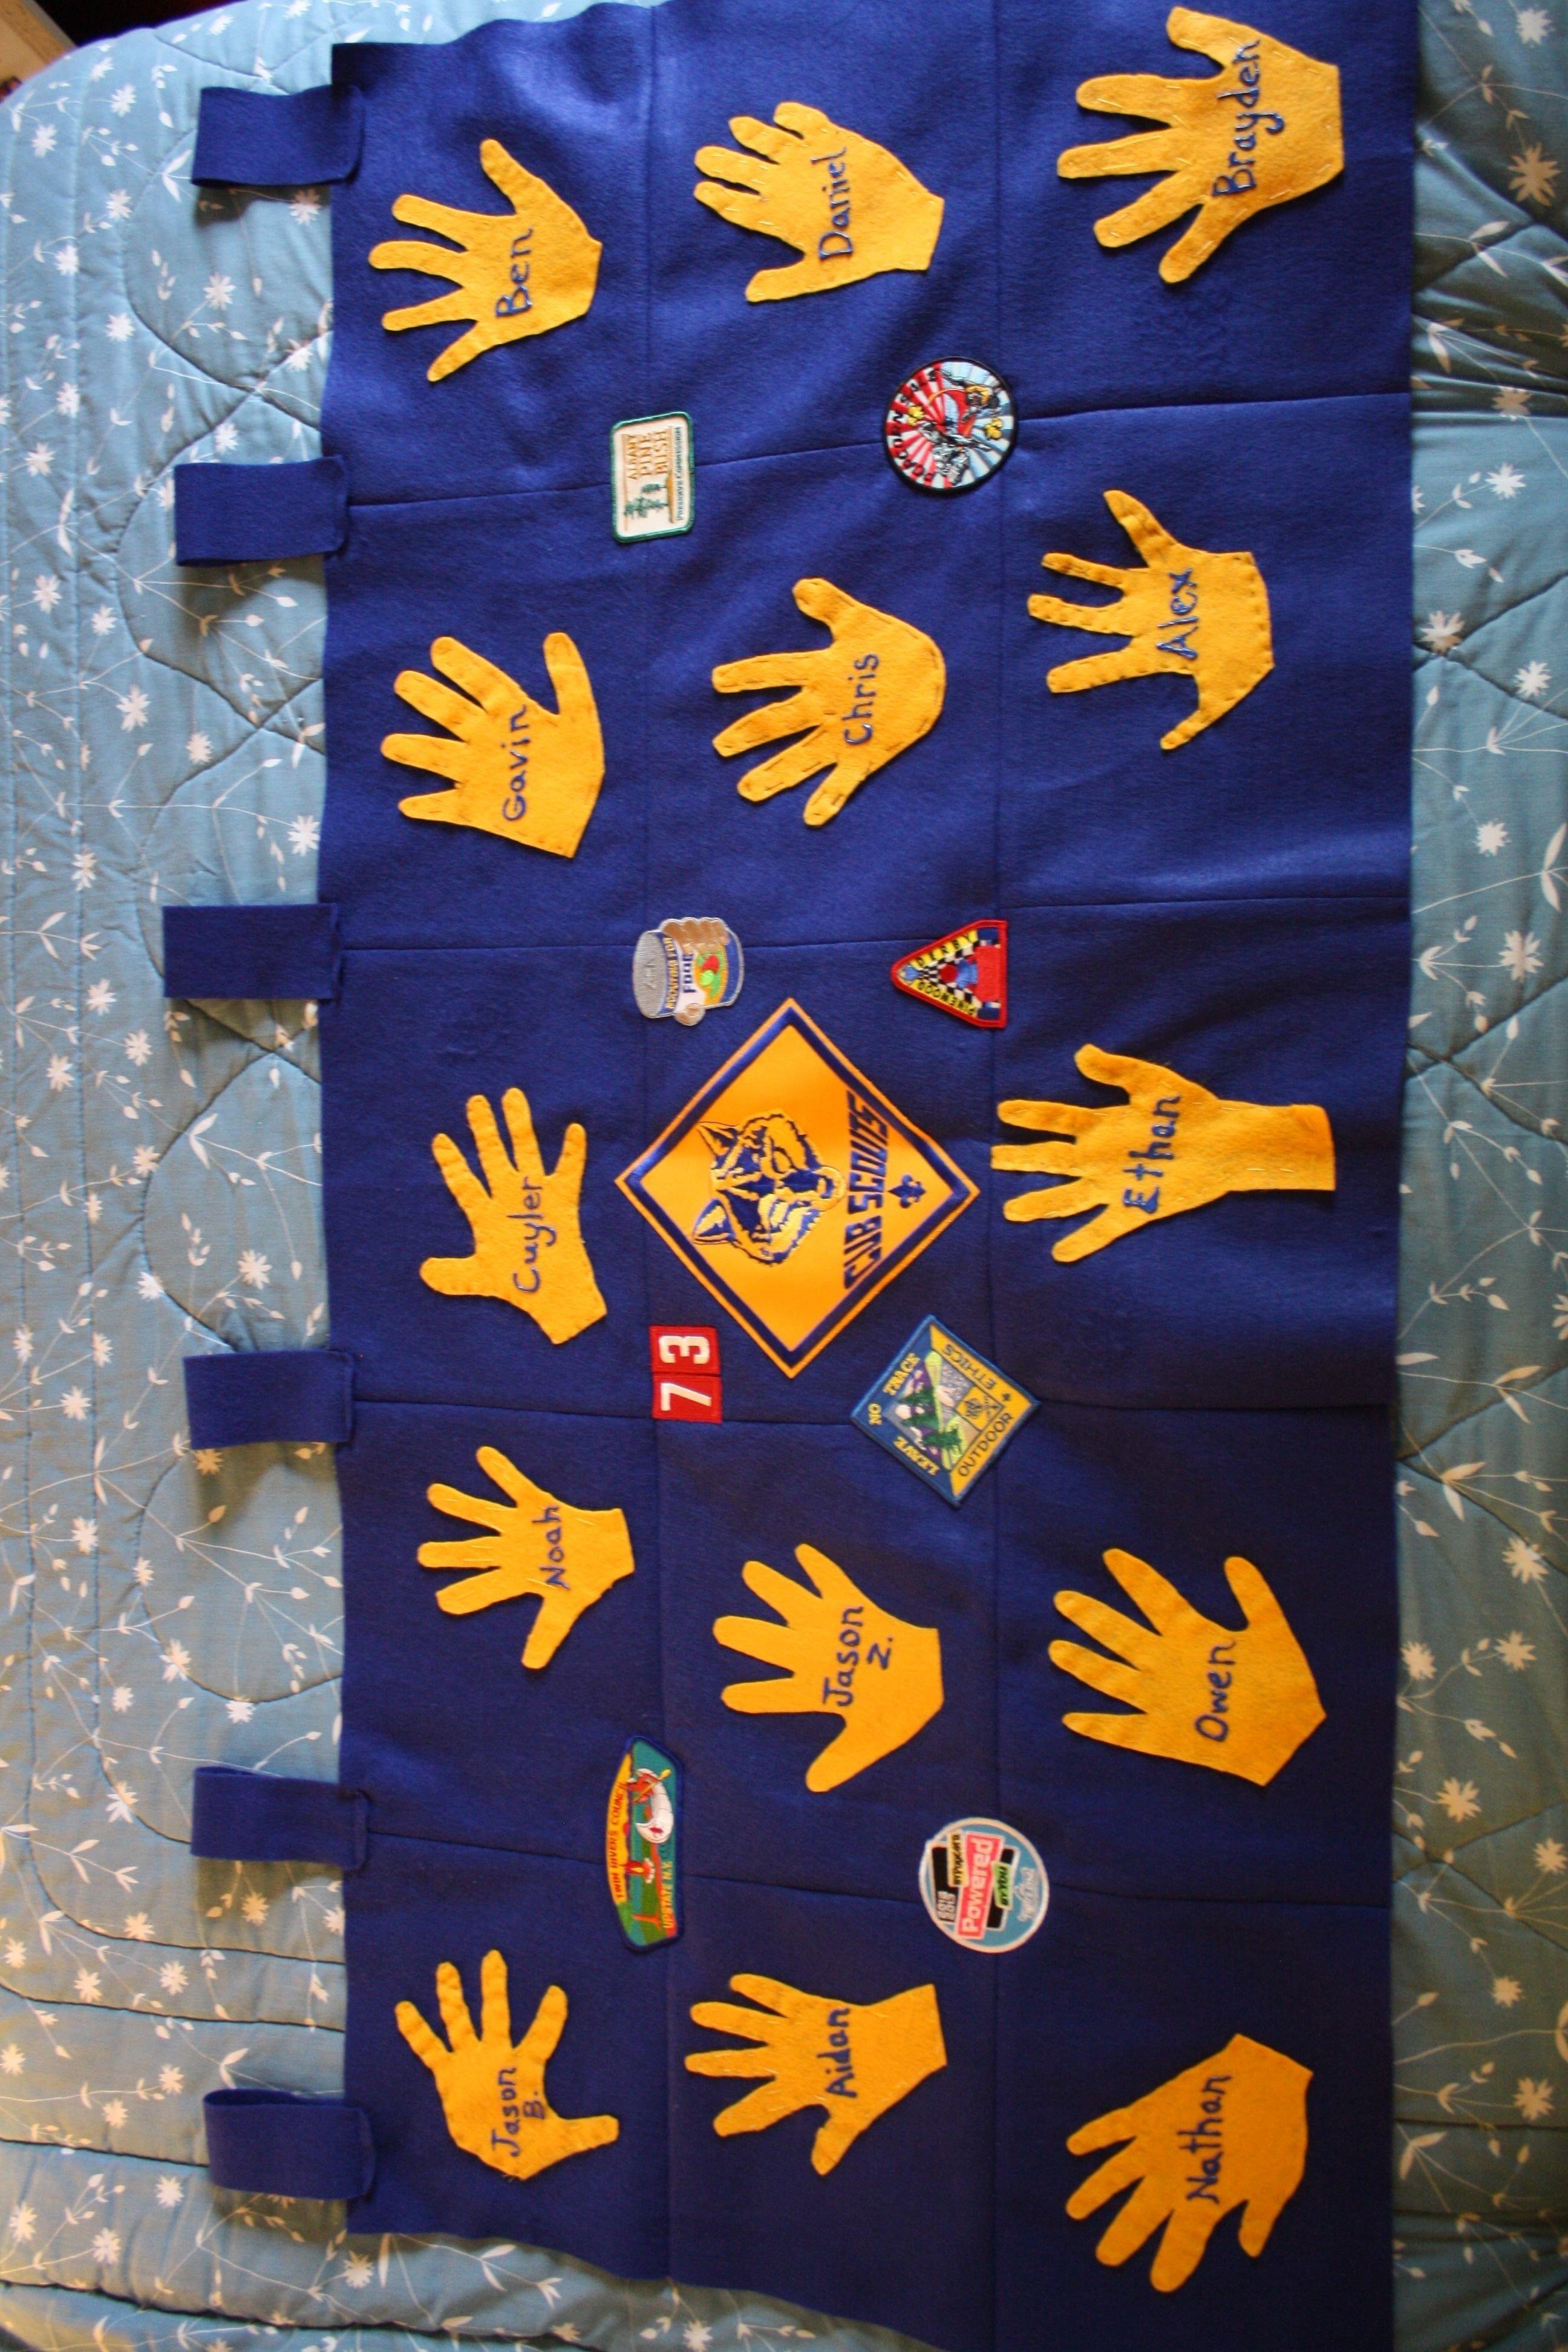 10 Pretty Cub Scout Den Flag Ideas cub scout den flags ideas cub scouts pinterest flags 2021